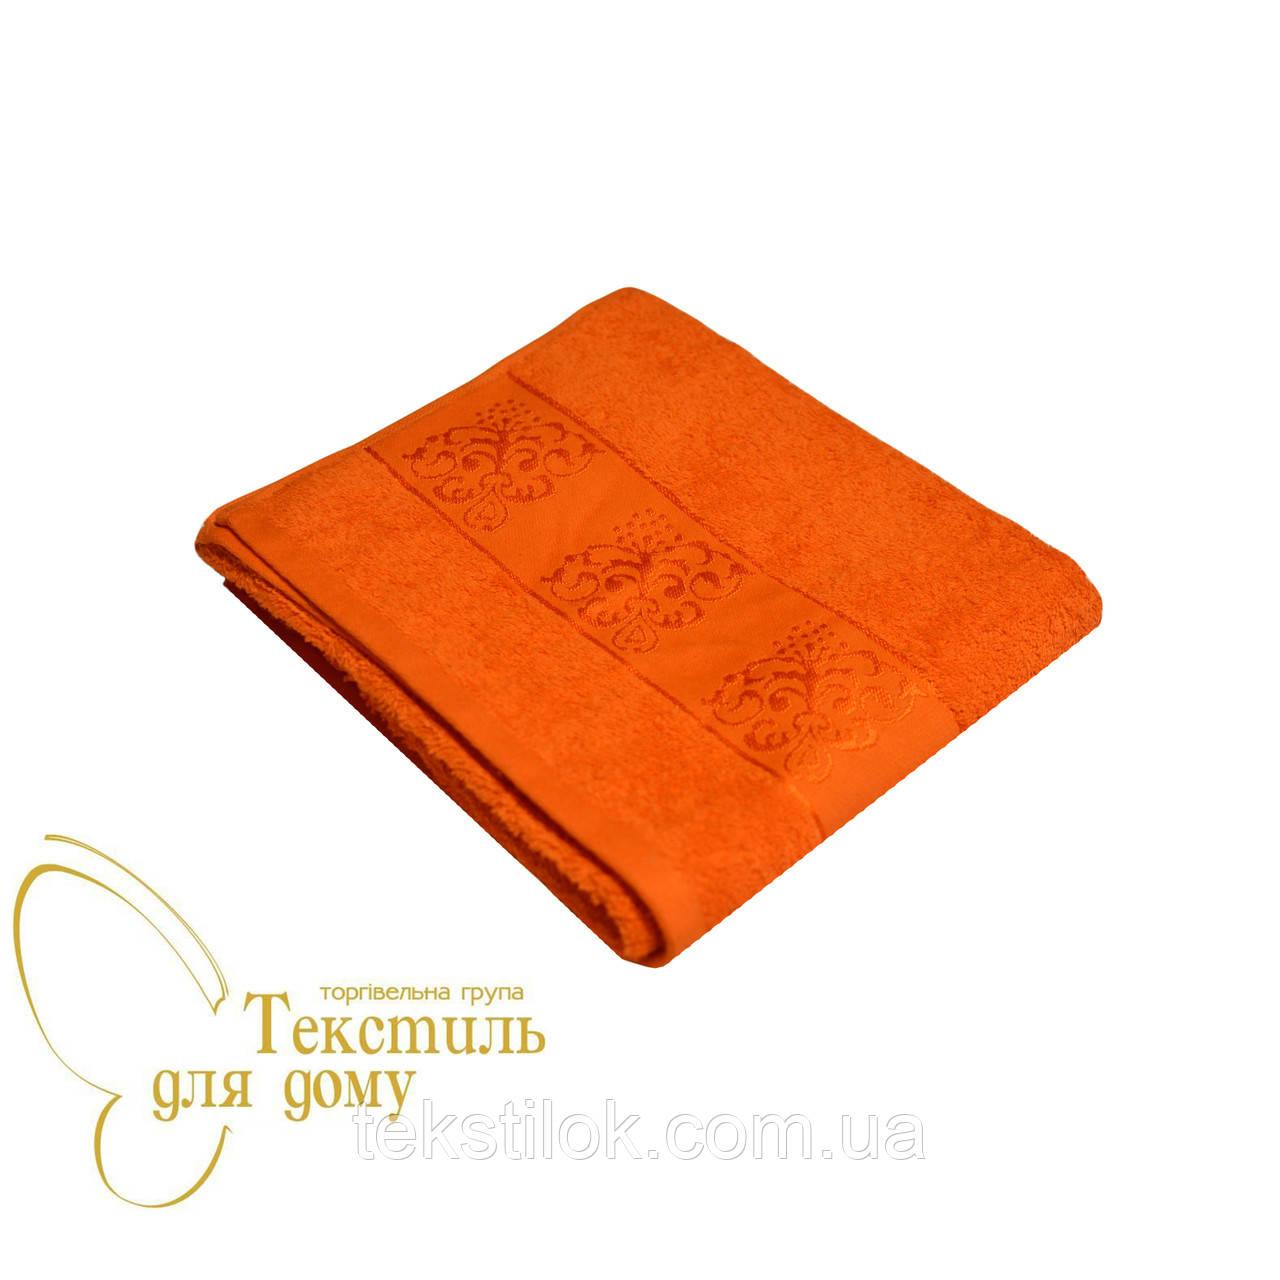 Полотенце лицевое Motif 50*90, оранжевое